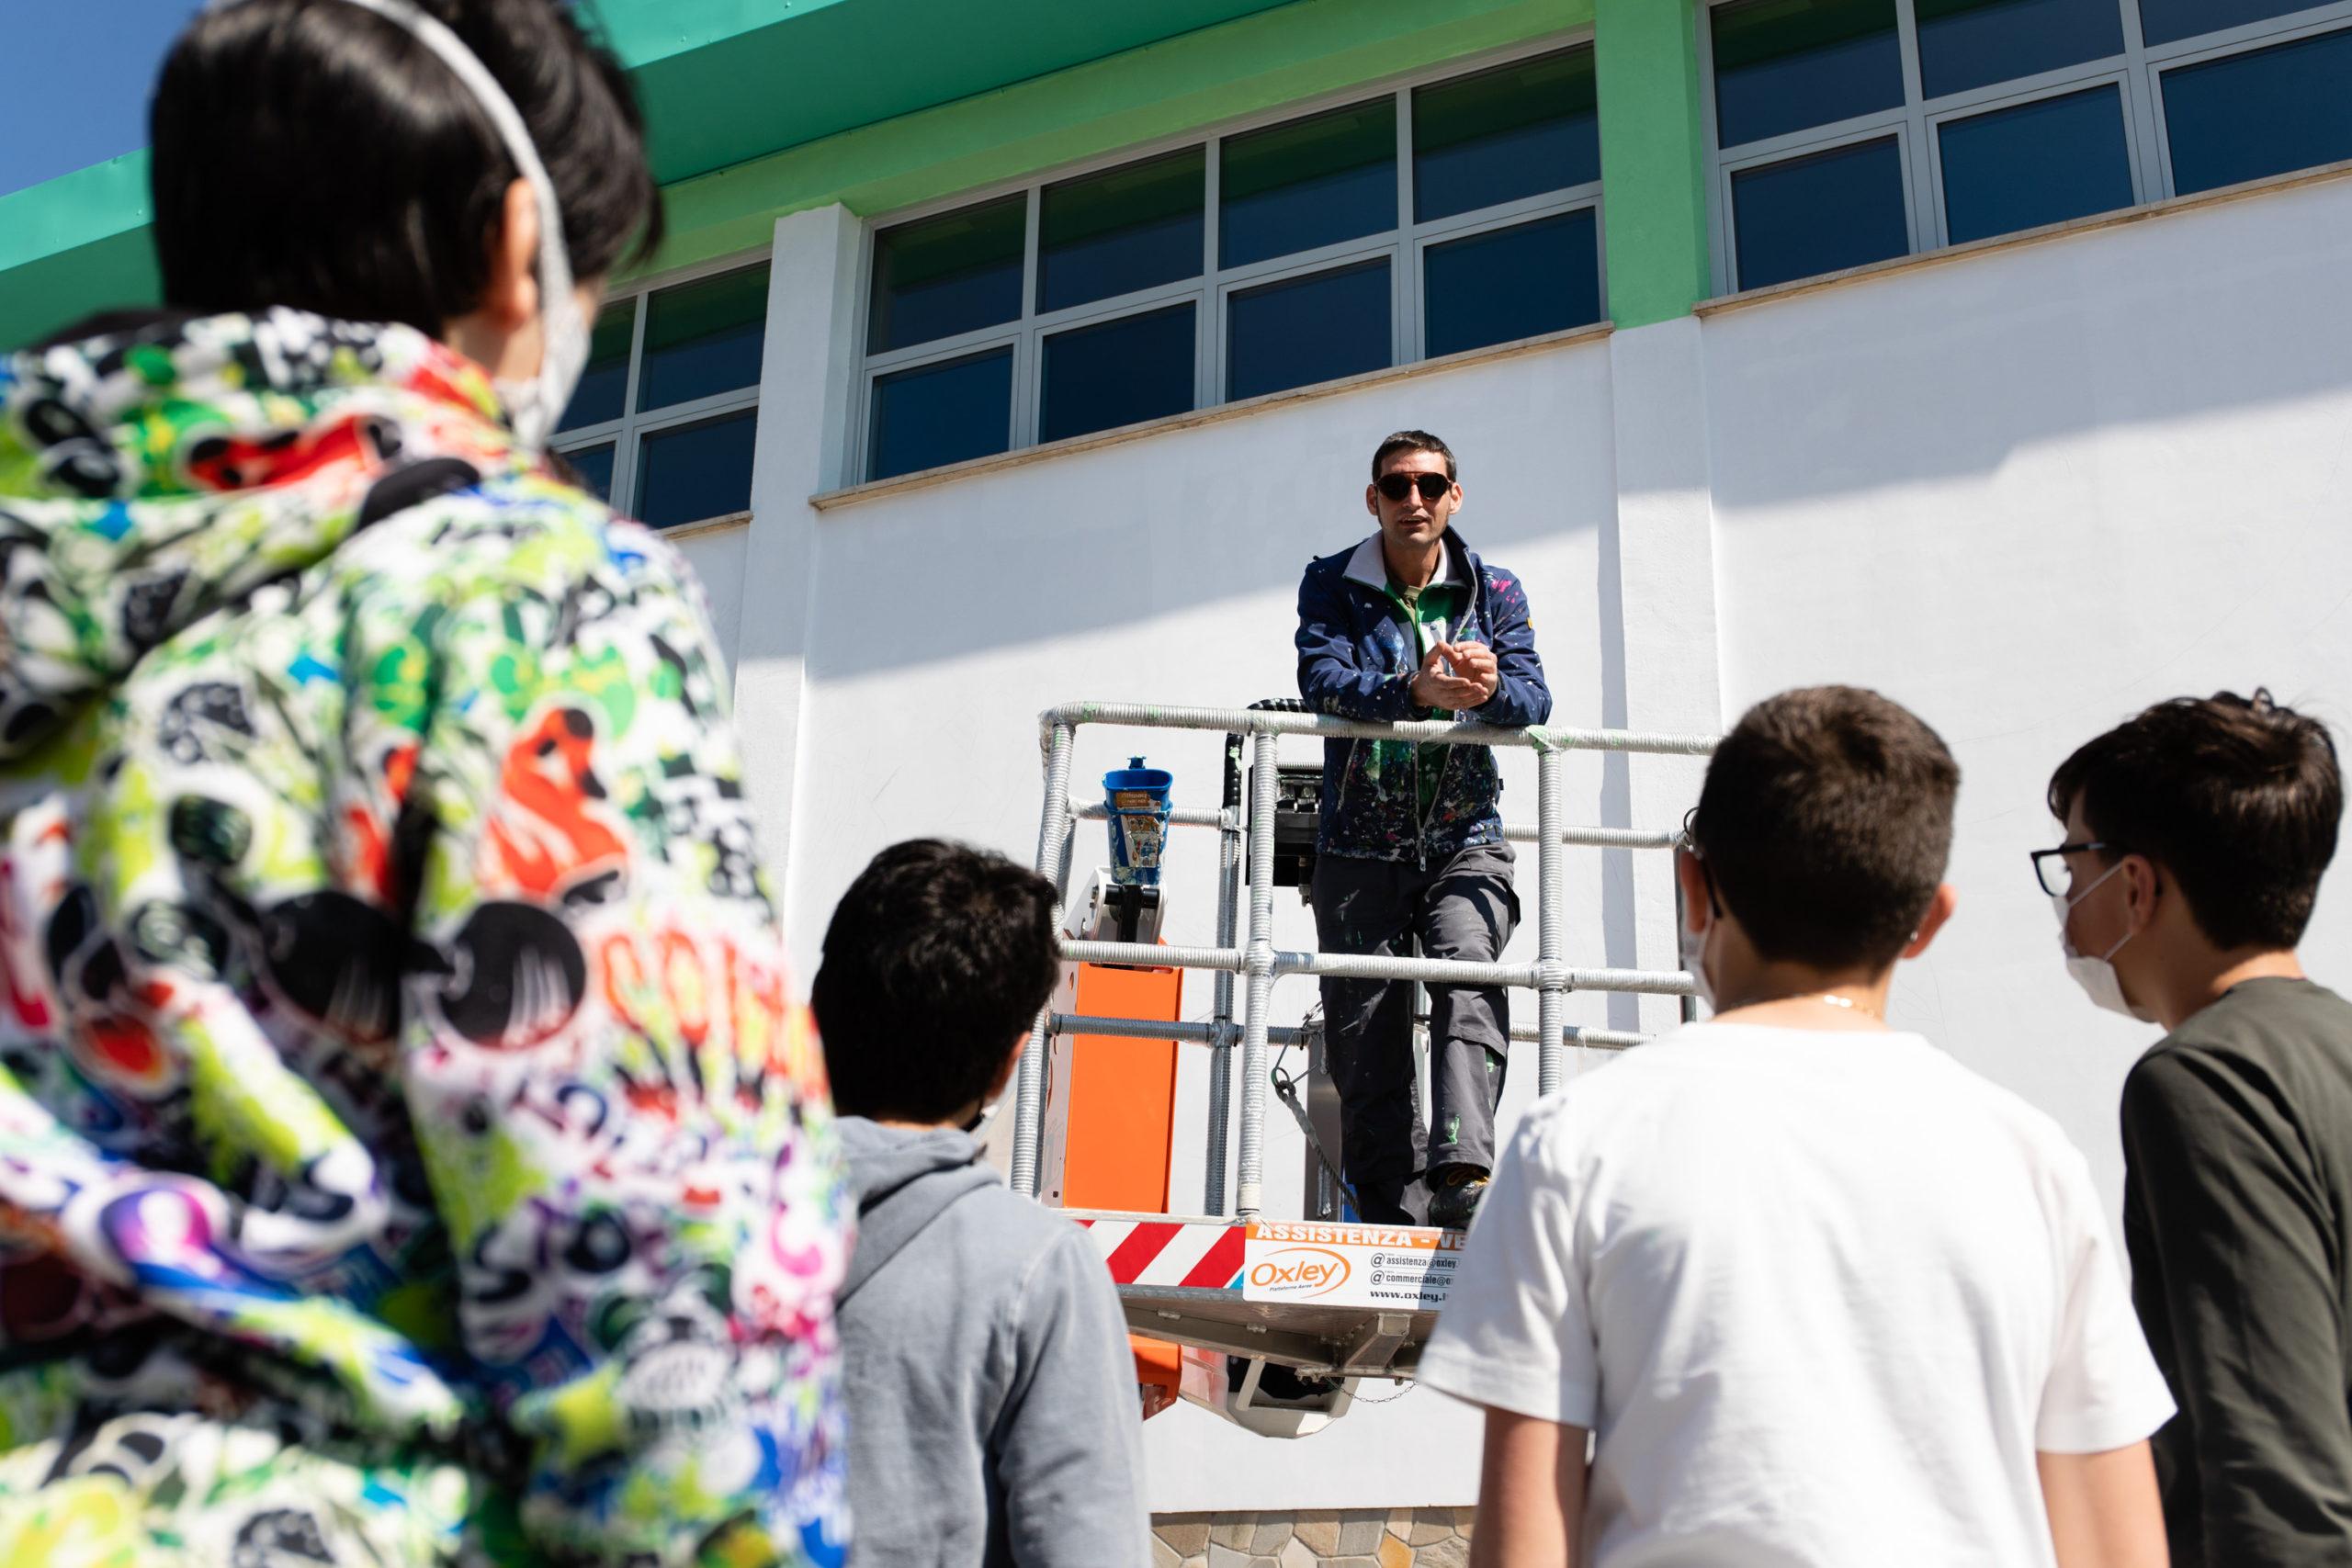 Iena Cruz, street artist milanese al lavoro sulla sulla facciata della scuola media di Madonna dell'Olmo, Cuneo, spiega il suo lavoro agli studenti